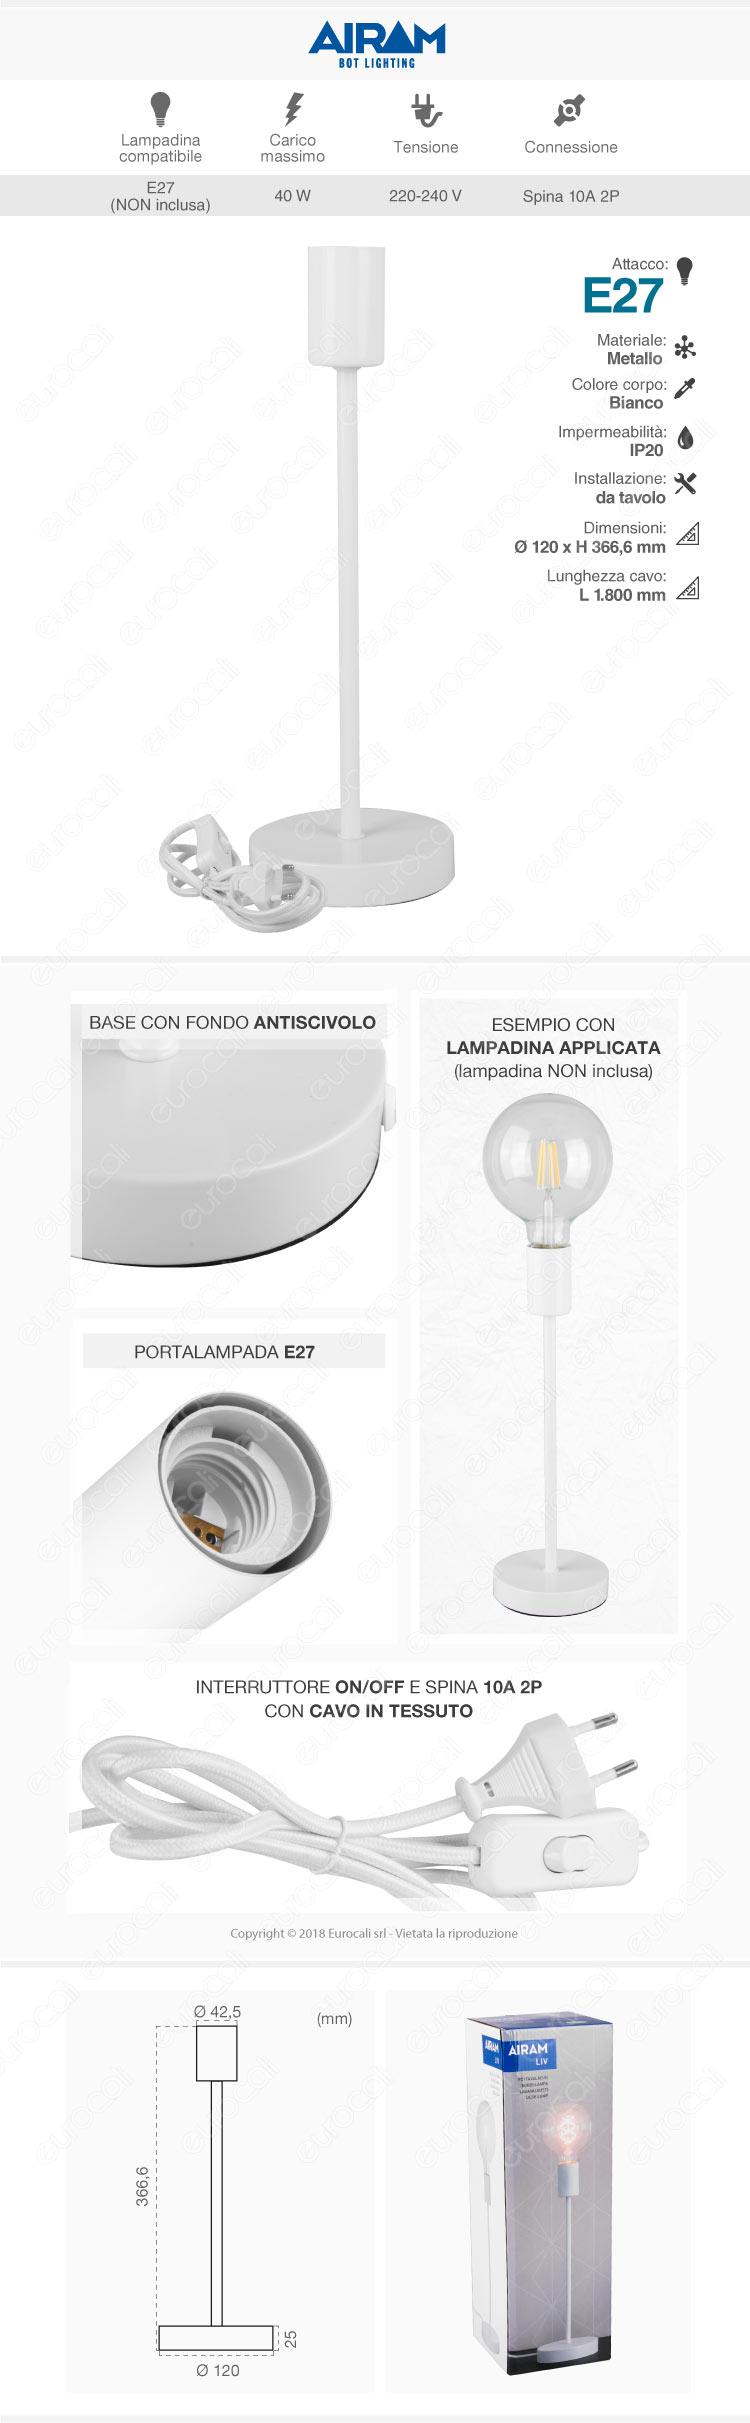 Airam Bot Lighting LIV Lampada da Tavolo con Portalampada per Lampadine E27 Bianco 36cm - mod. 4126244